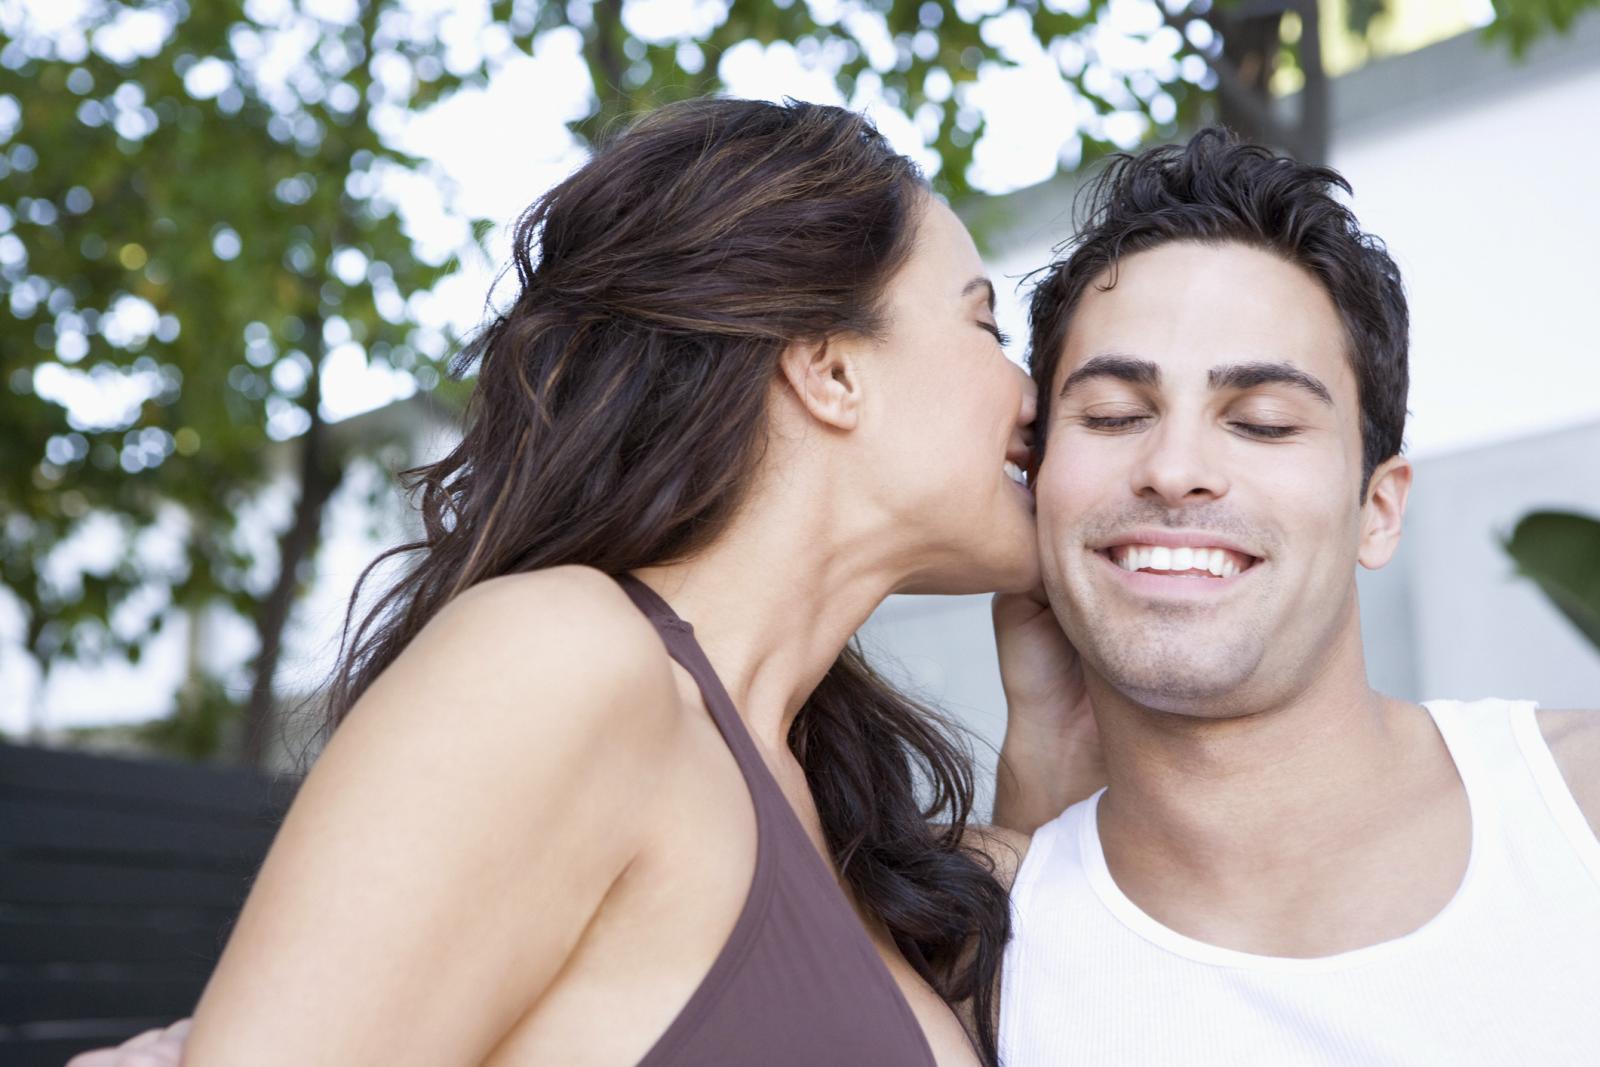 Cosas románticas que puedes decirle a tu pareja